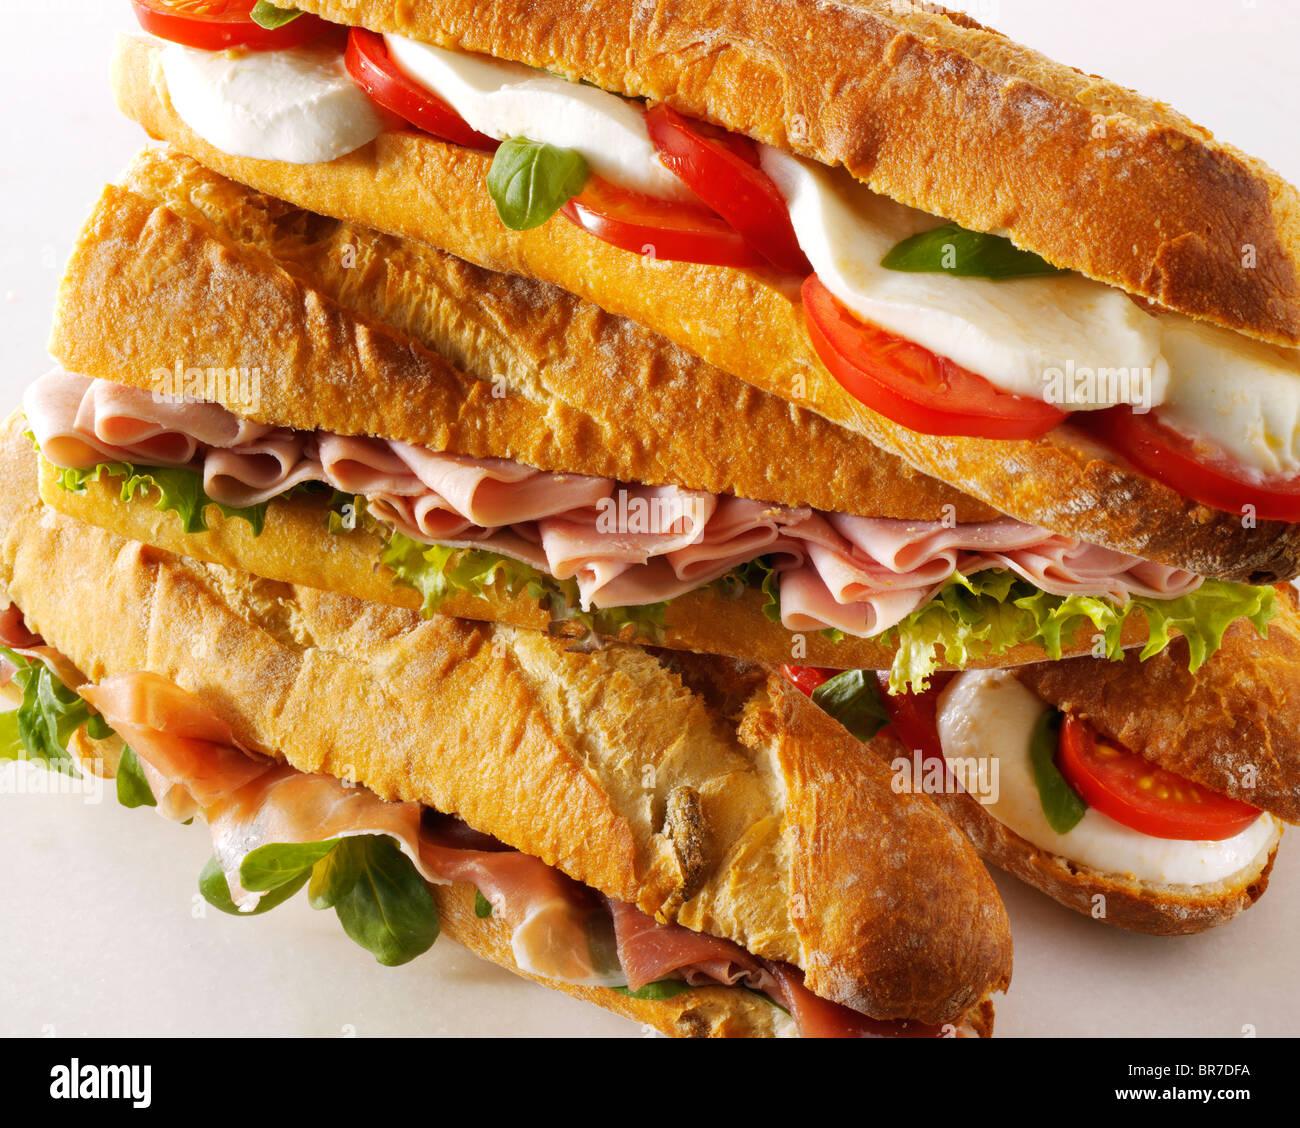 Baguettes de pain rempli de mozerella & tomates, jambon et salade, jambon & Prcutto fusée. Photo Stock